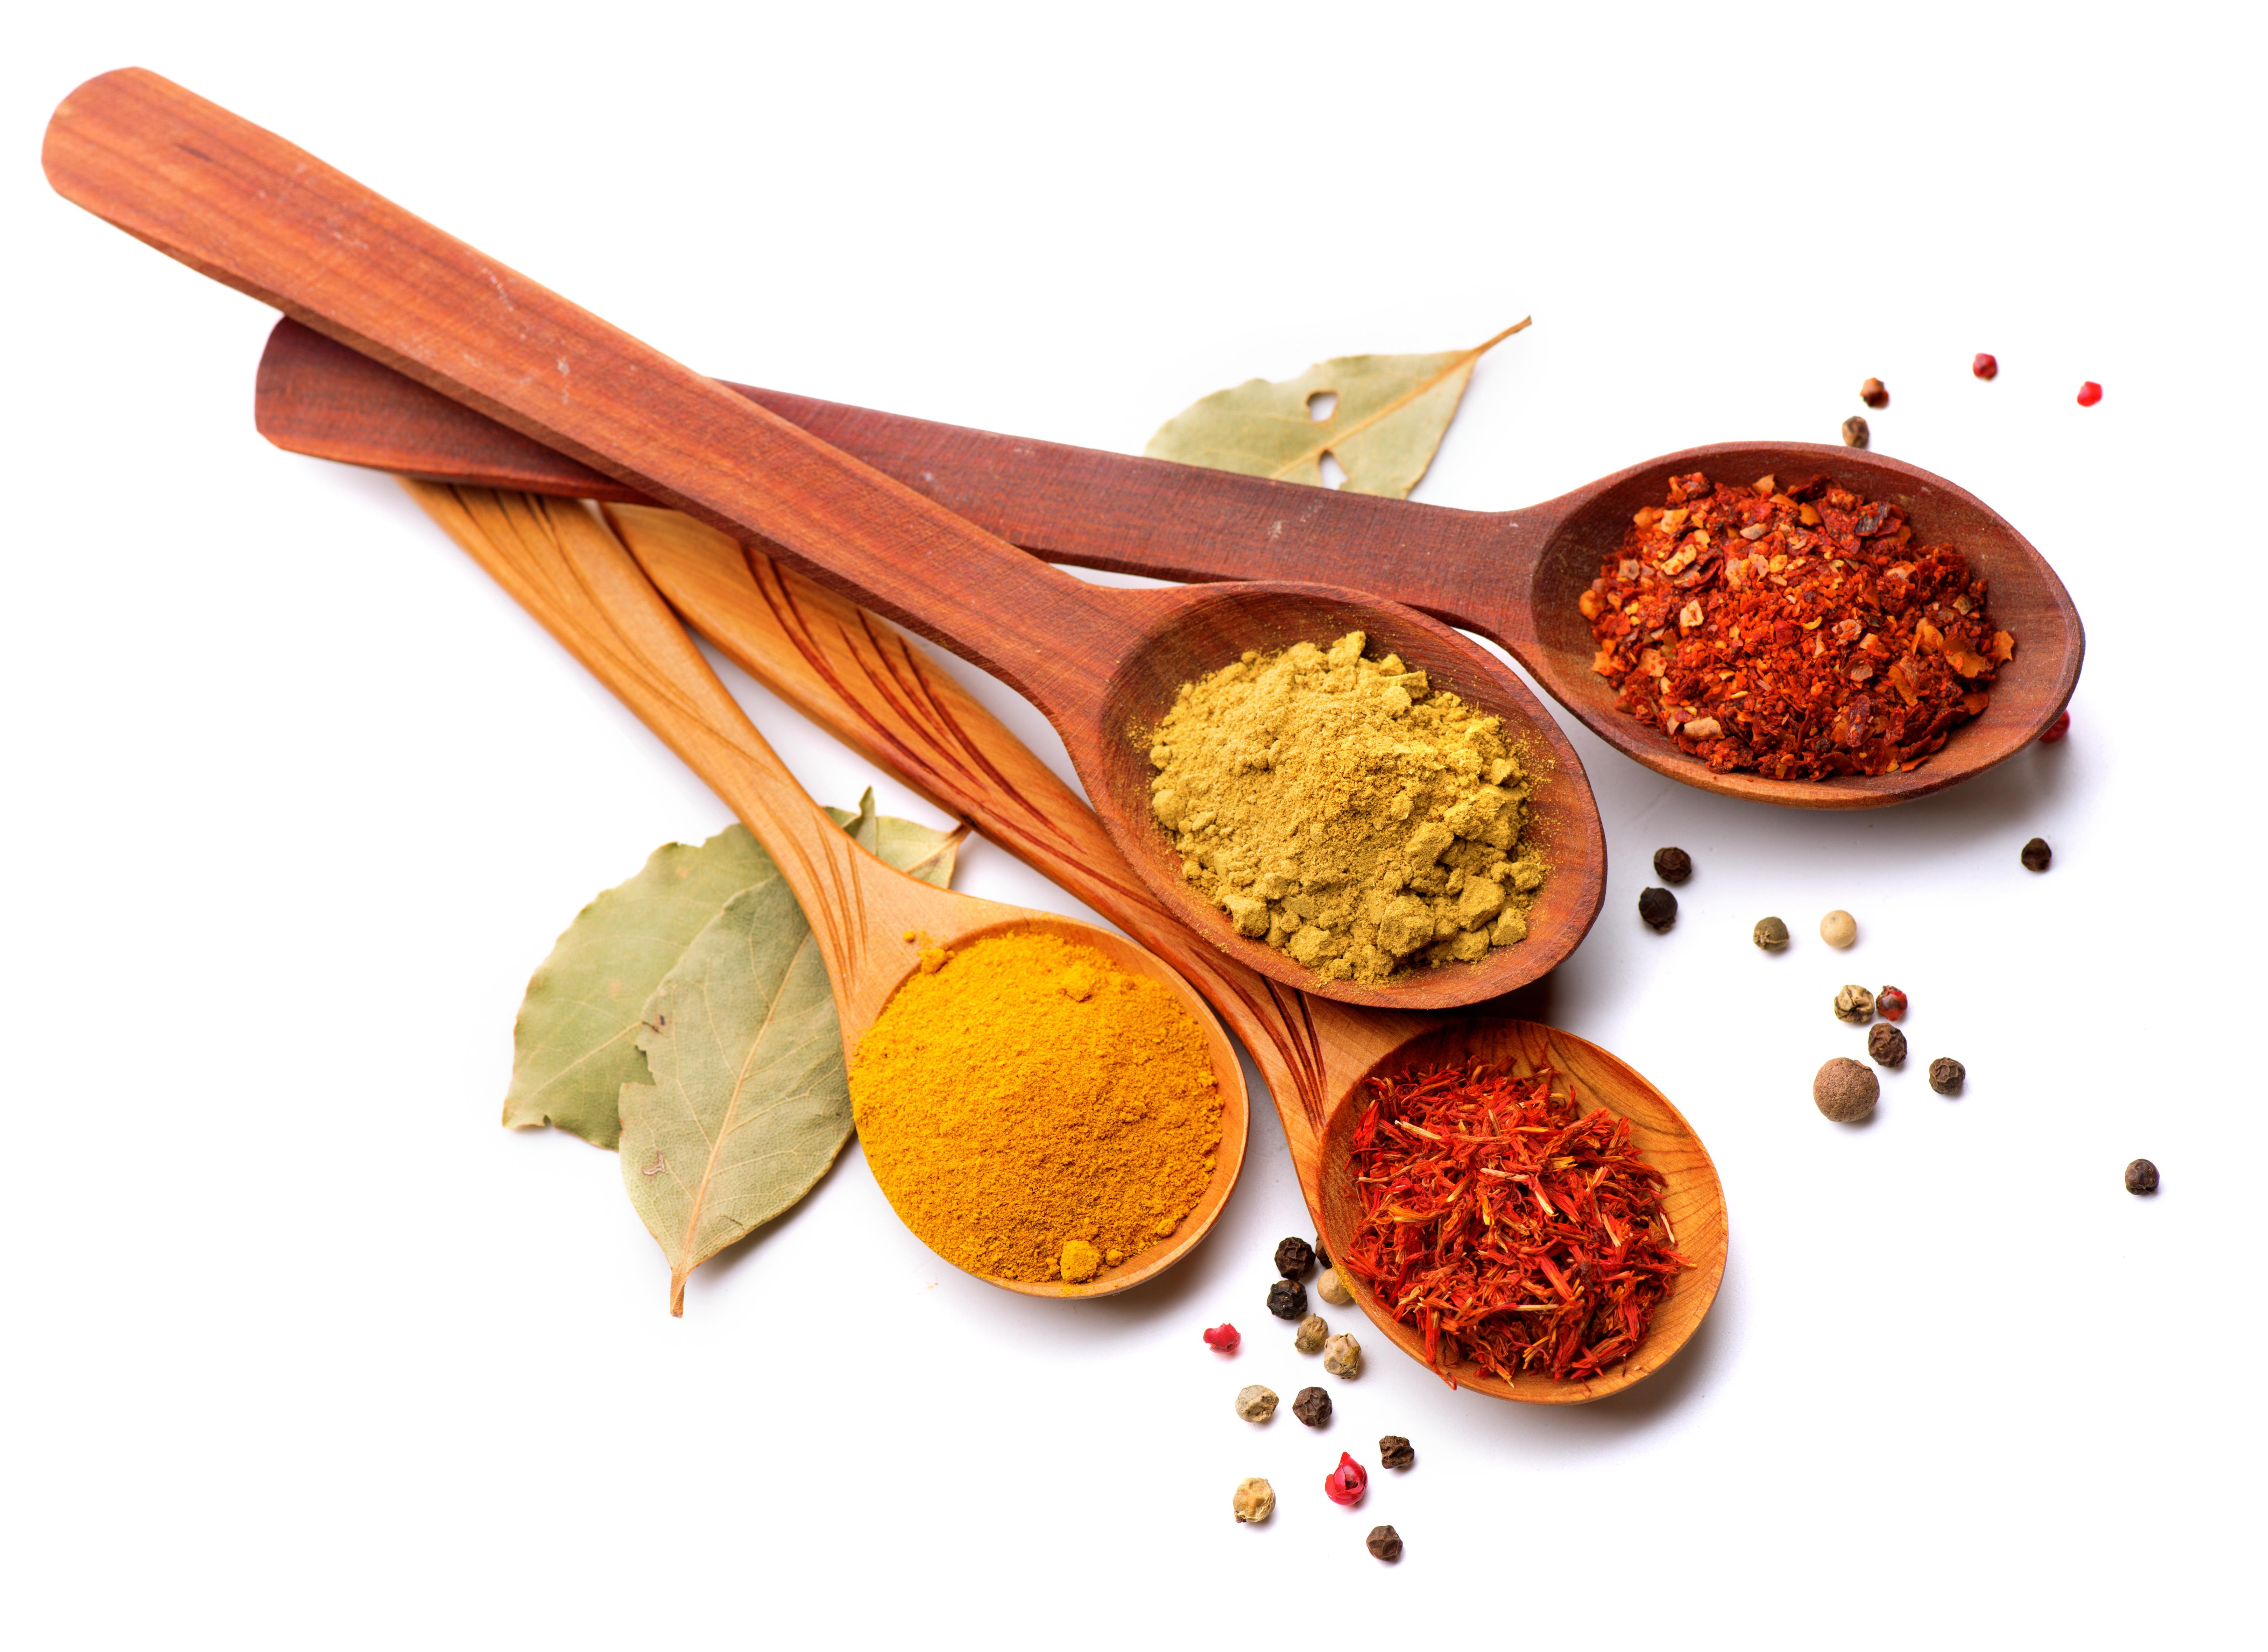 Remedios-caseros-para-adelgazar-la-barriga-jugo-de-calabaza-picante-en-polvo.